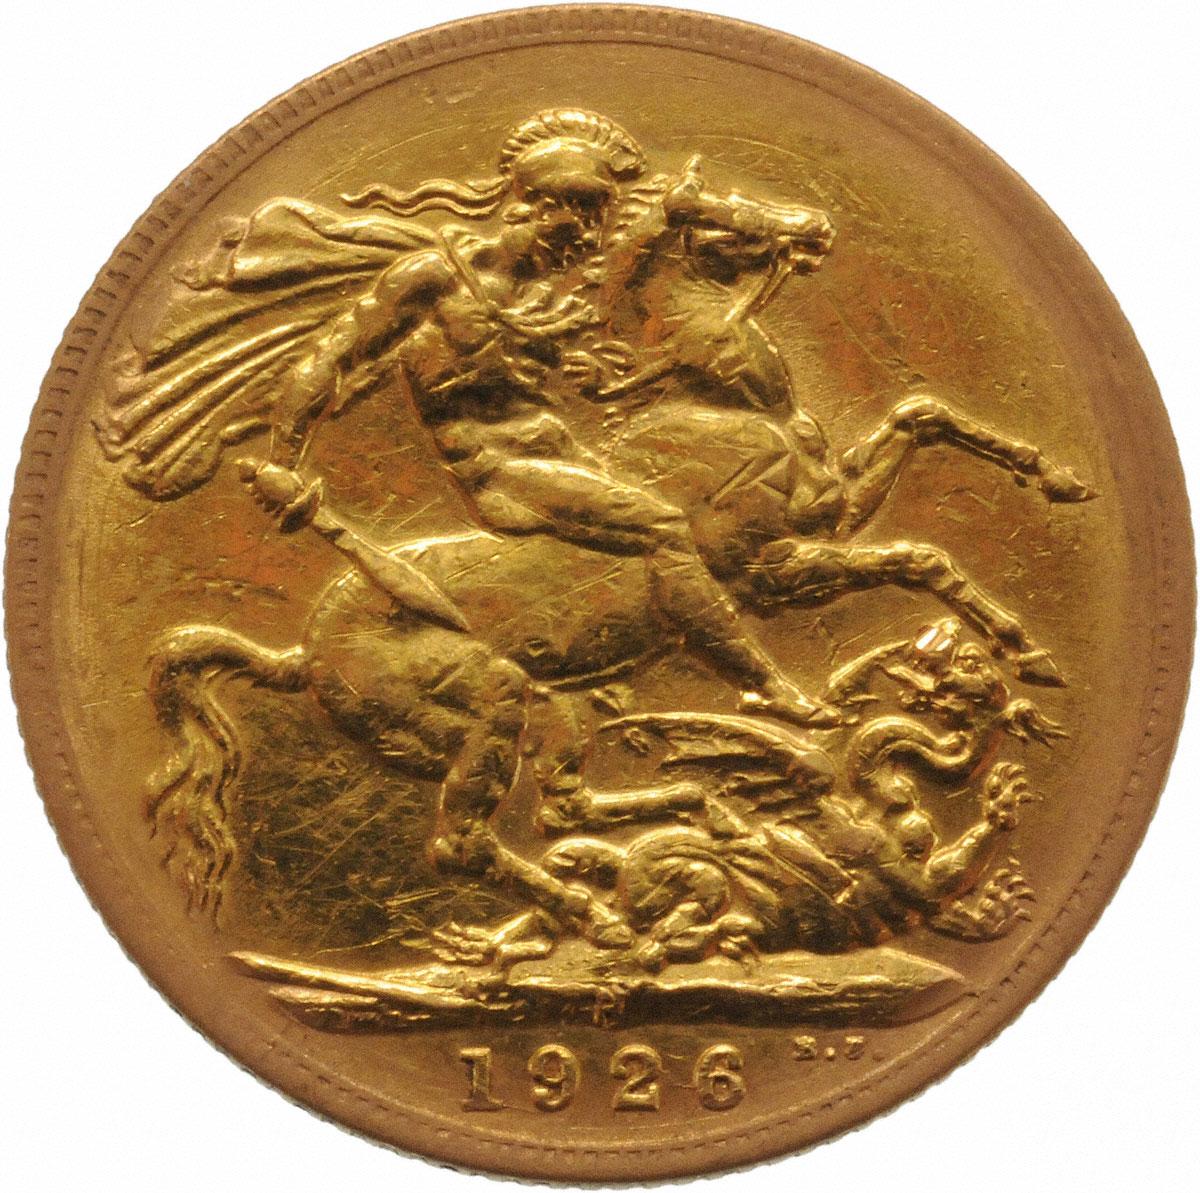 1926 Γεώργιος Ε' (Νομισματοκοπείο Περθ)